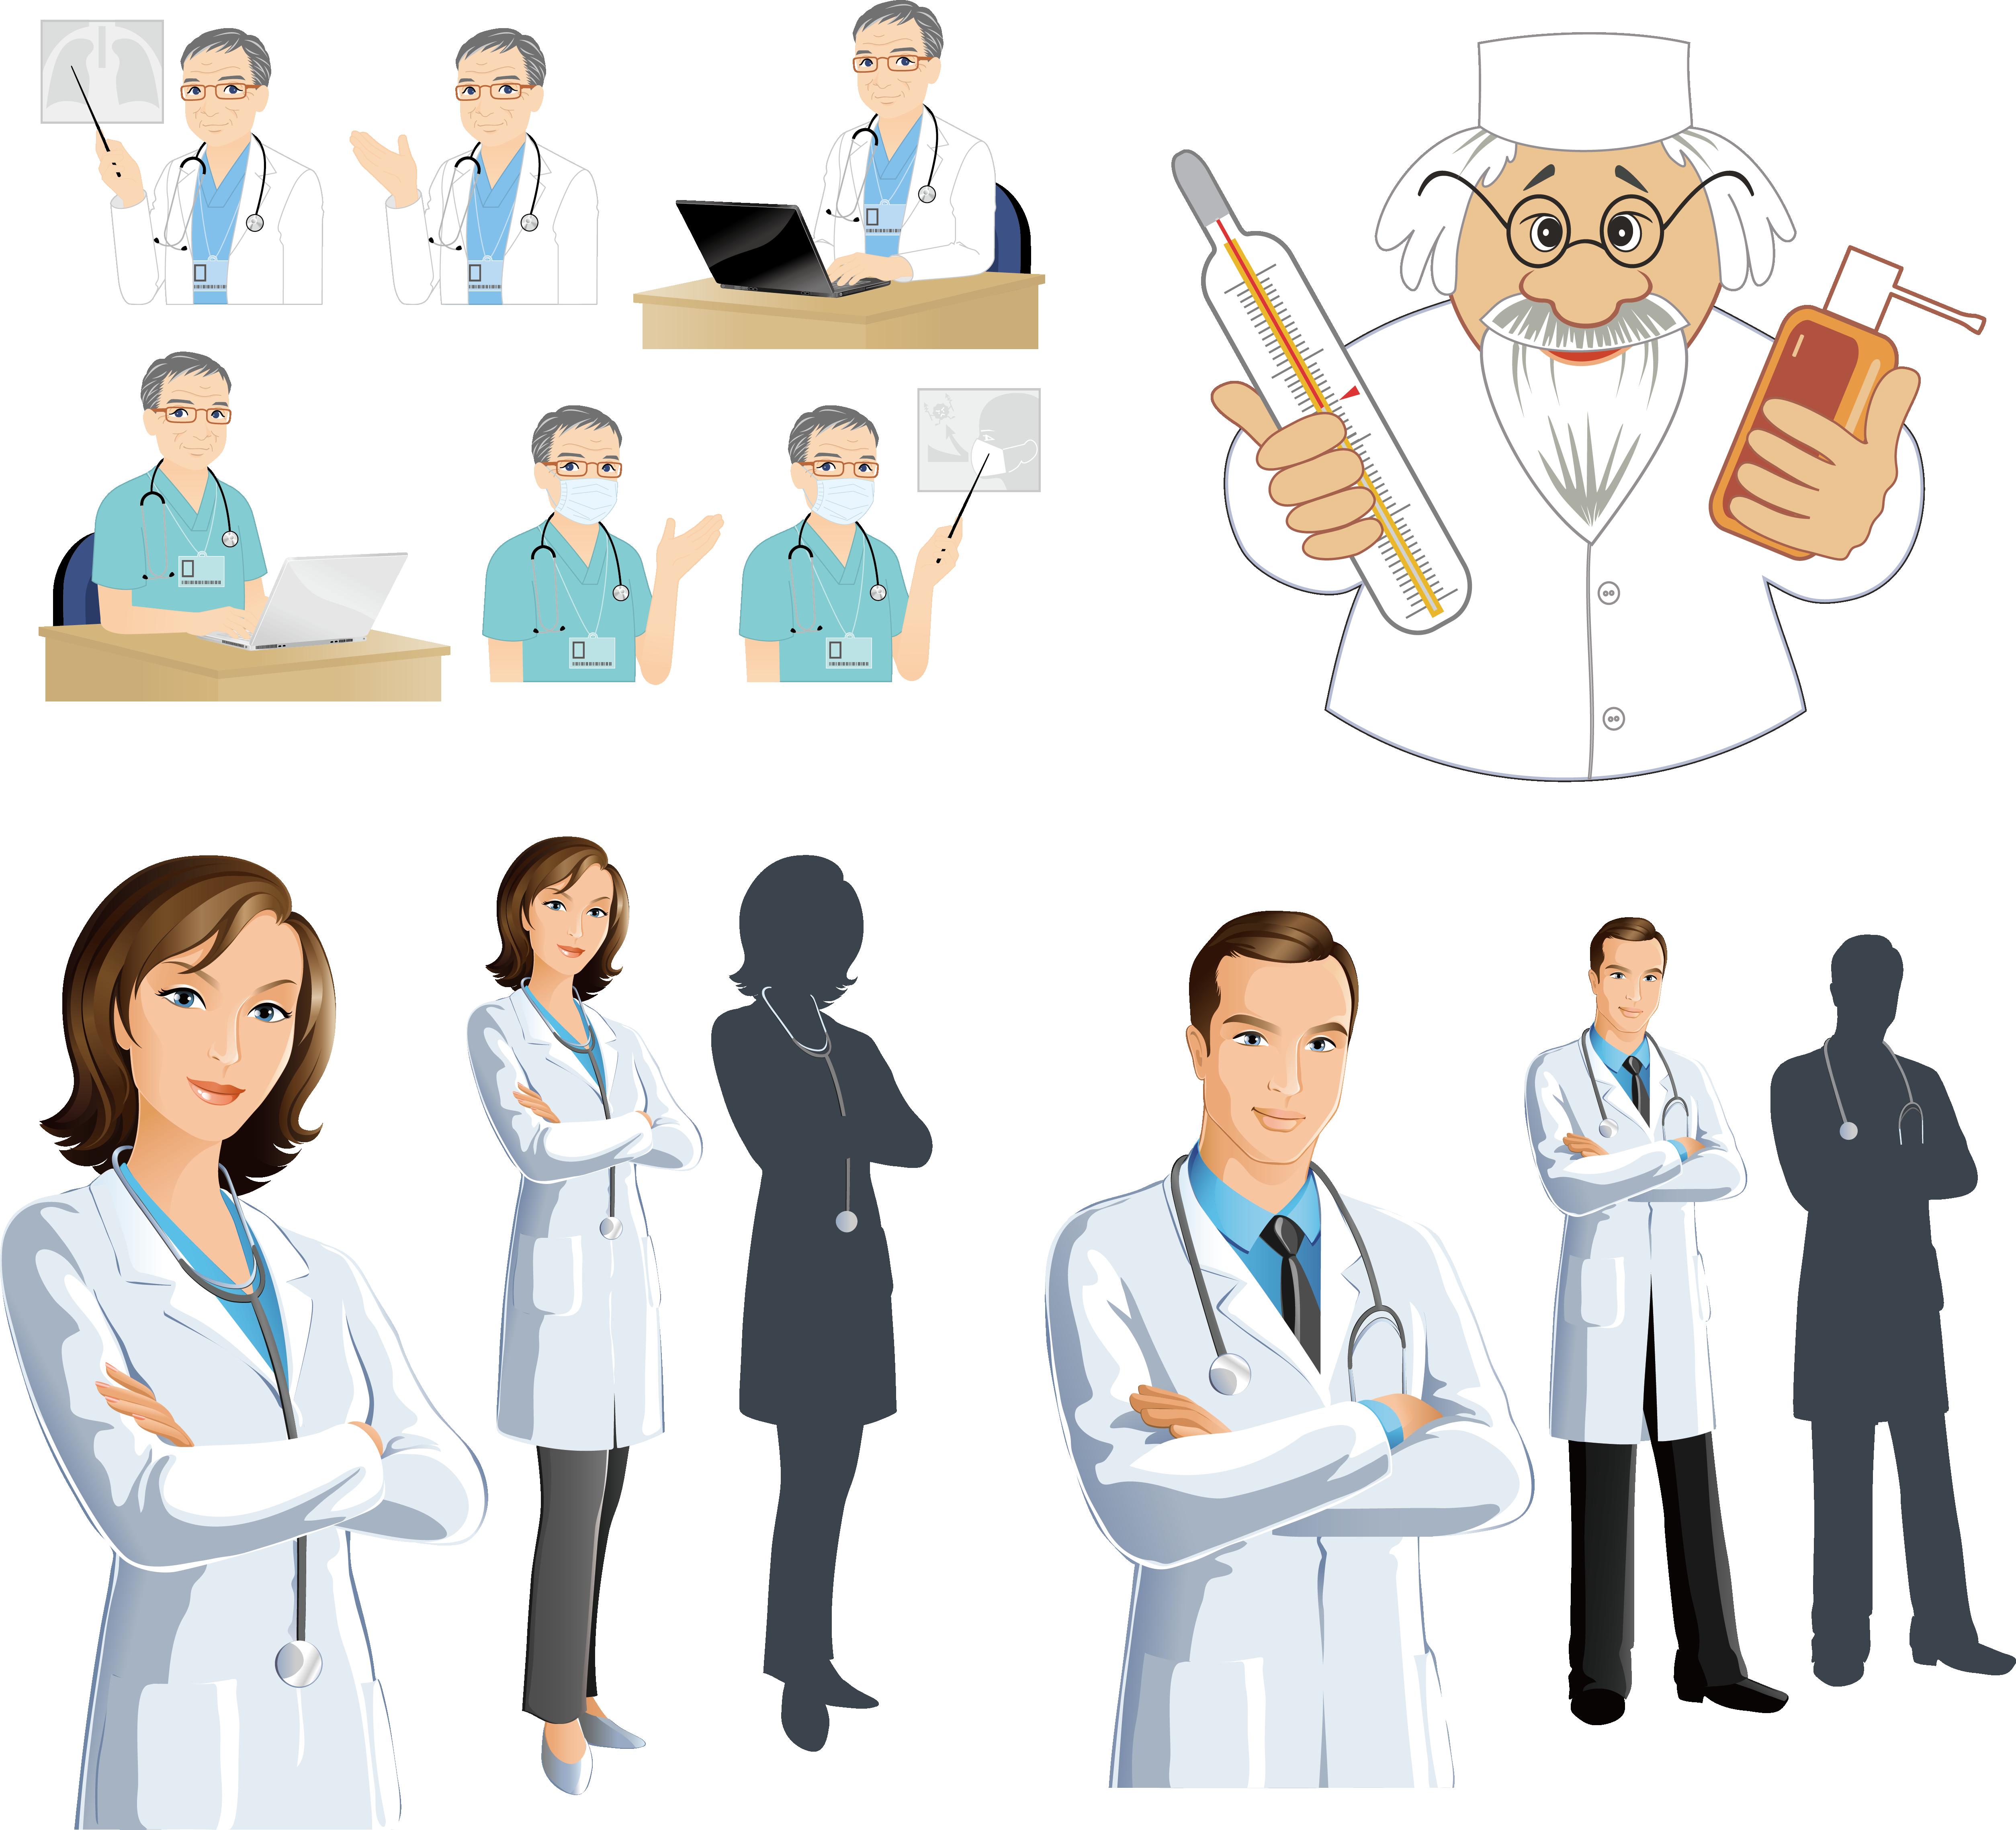 5017x4555 Physician Clip Art